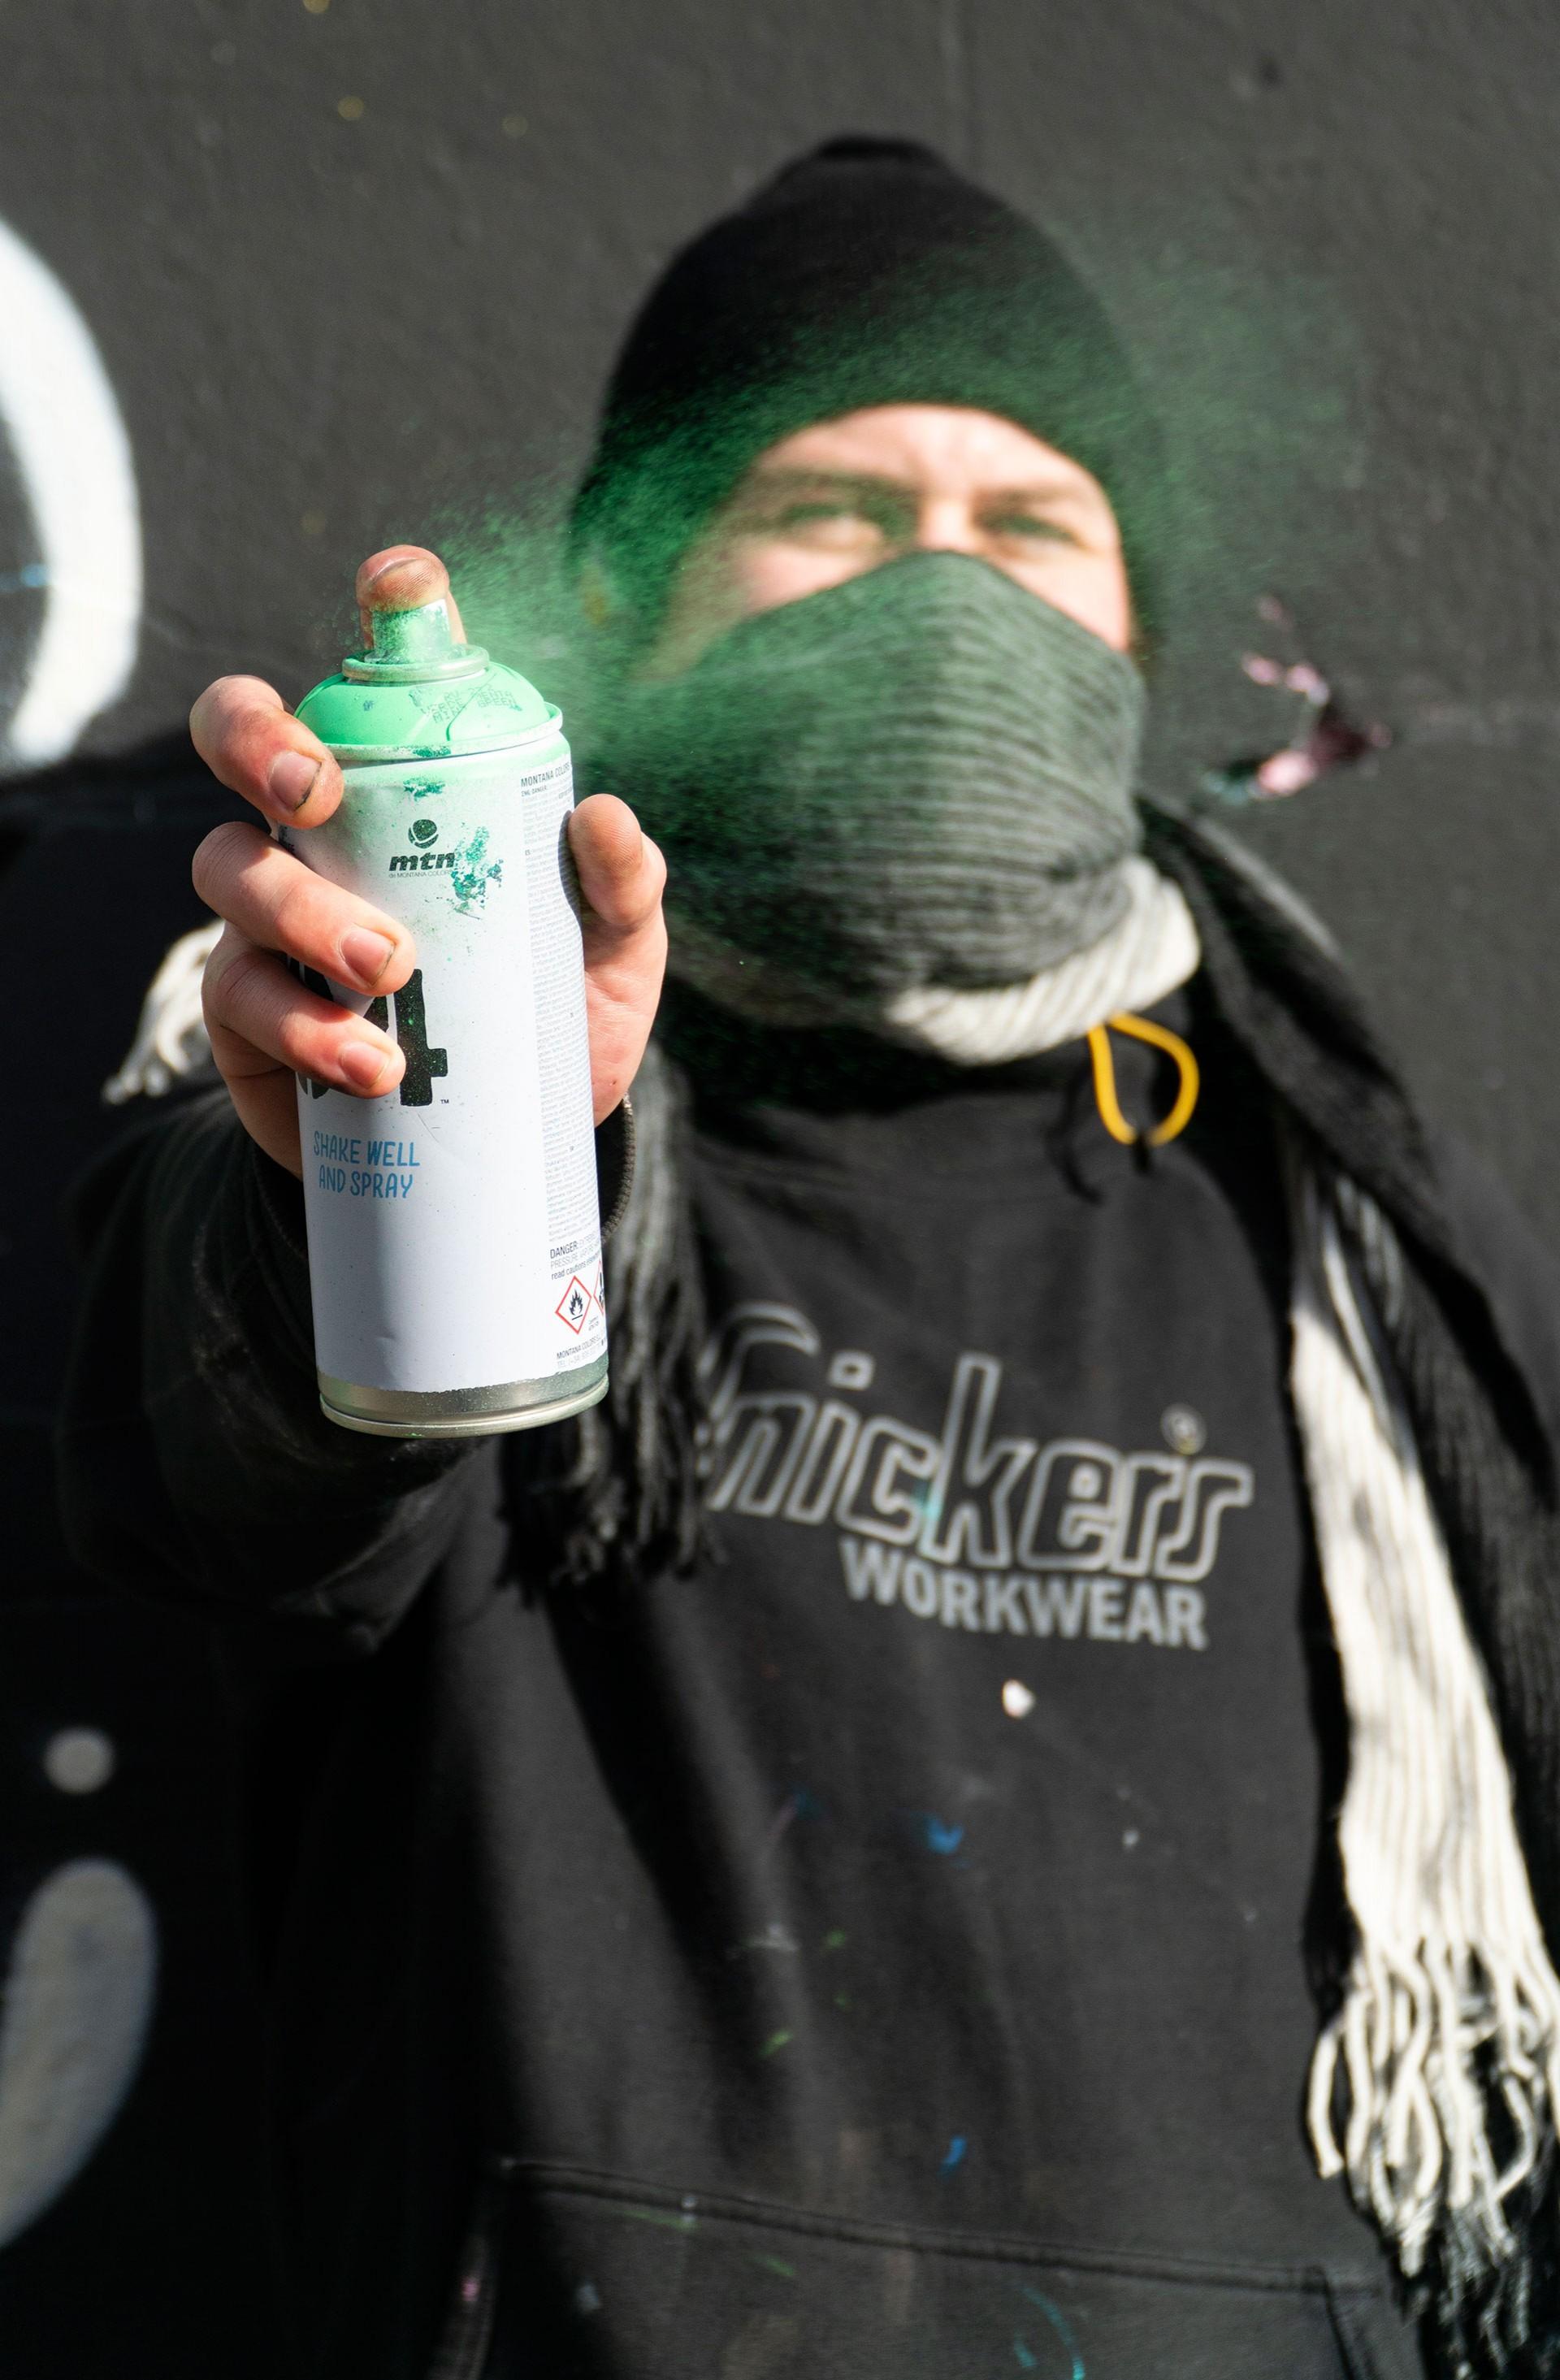 Dublinli graffiti sanatçısı Kurb, kameraya doğru sprey boya sıkıyor.